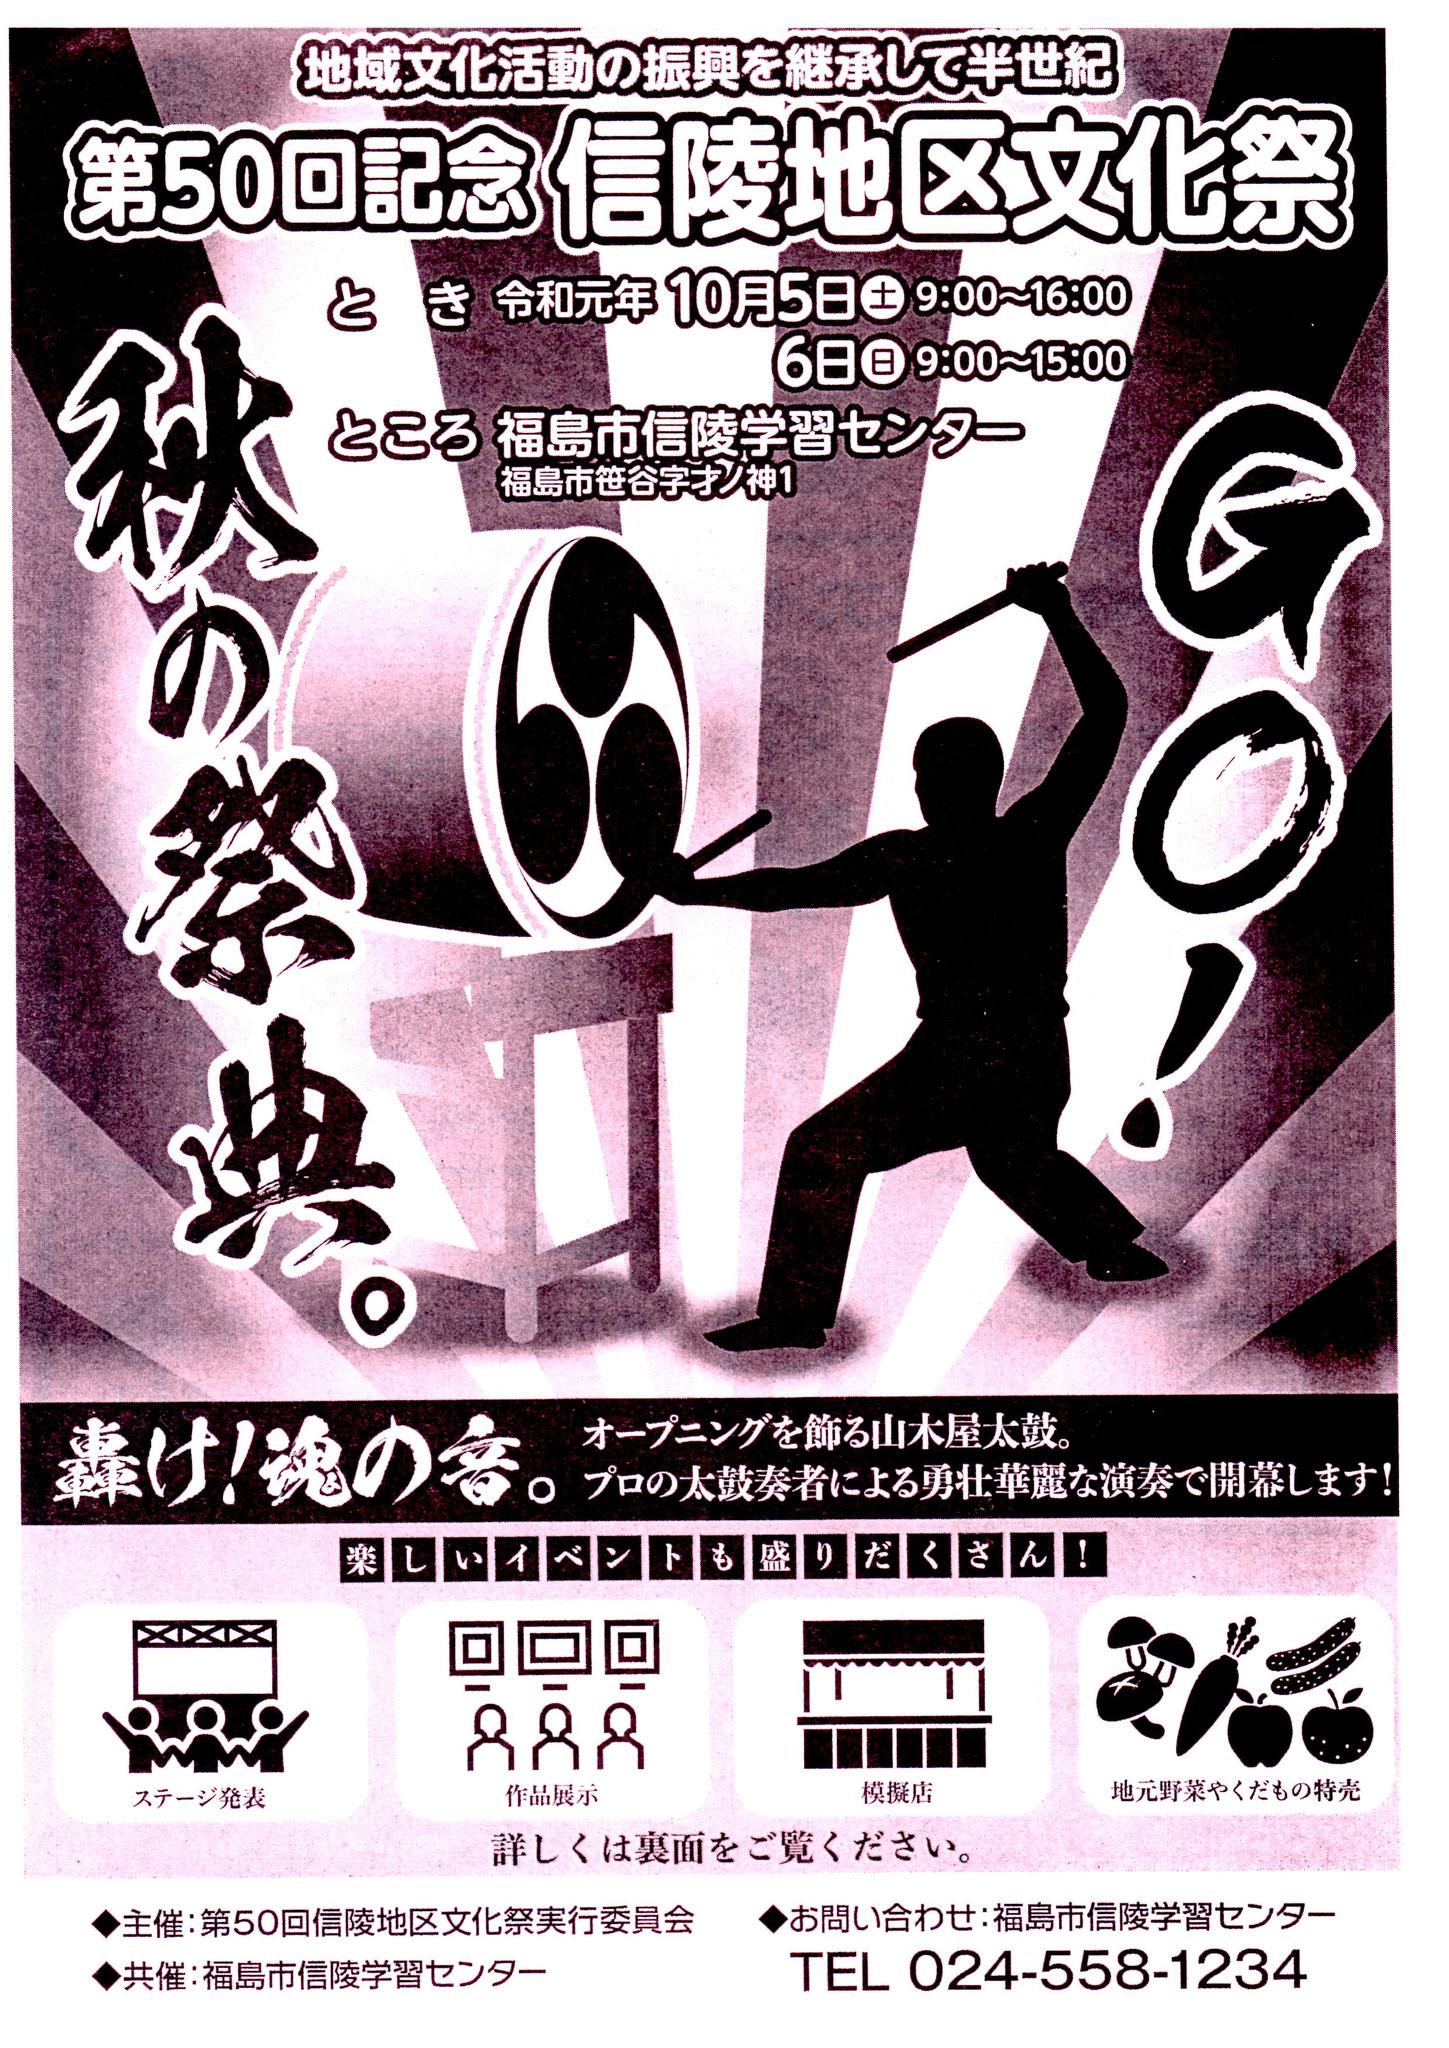 こちらが文化祭のチラシ。10月5日(土)~6日(日)の2日間にわたり開催されました。